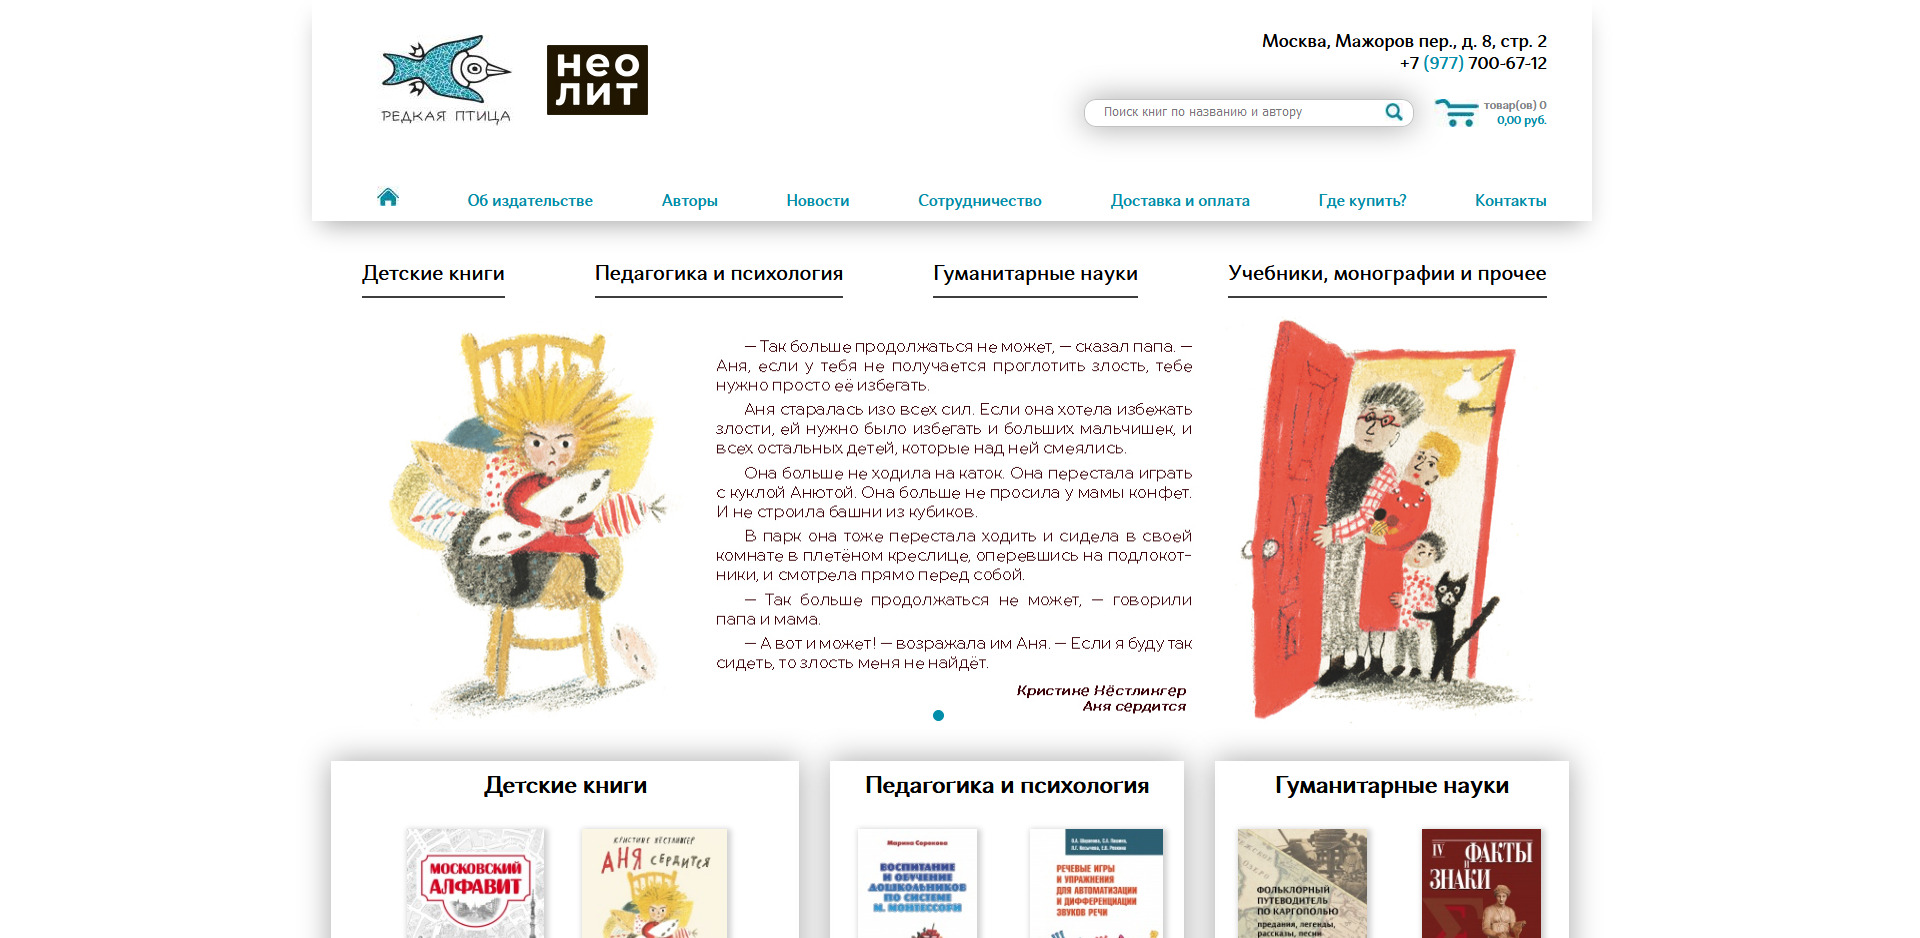 Быстрый бесплатный аудит интернет-магазина книжной продукции издательского дома